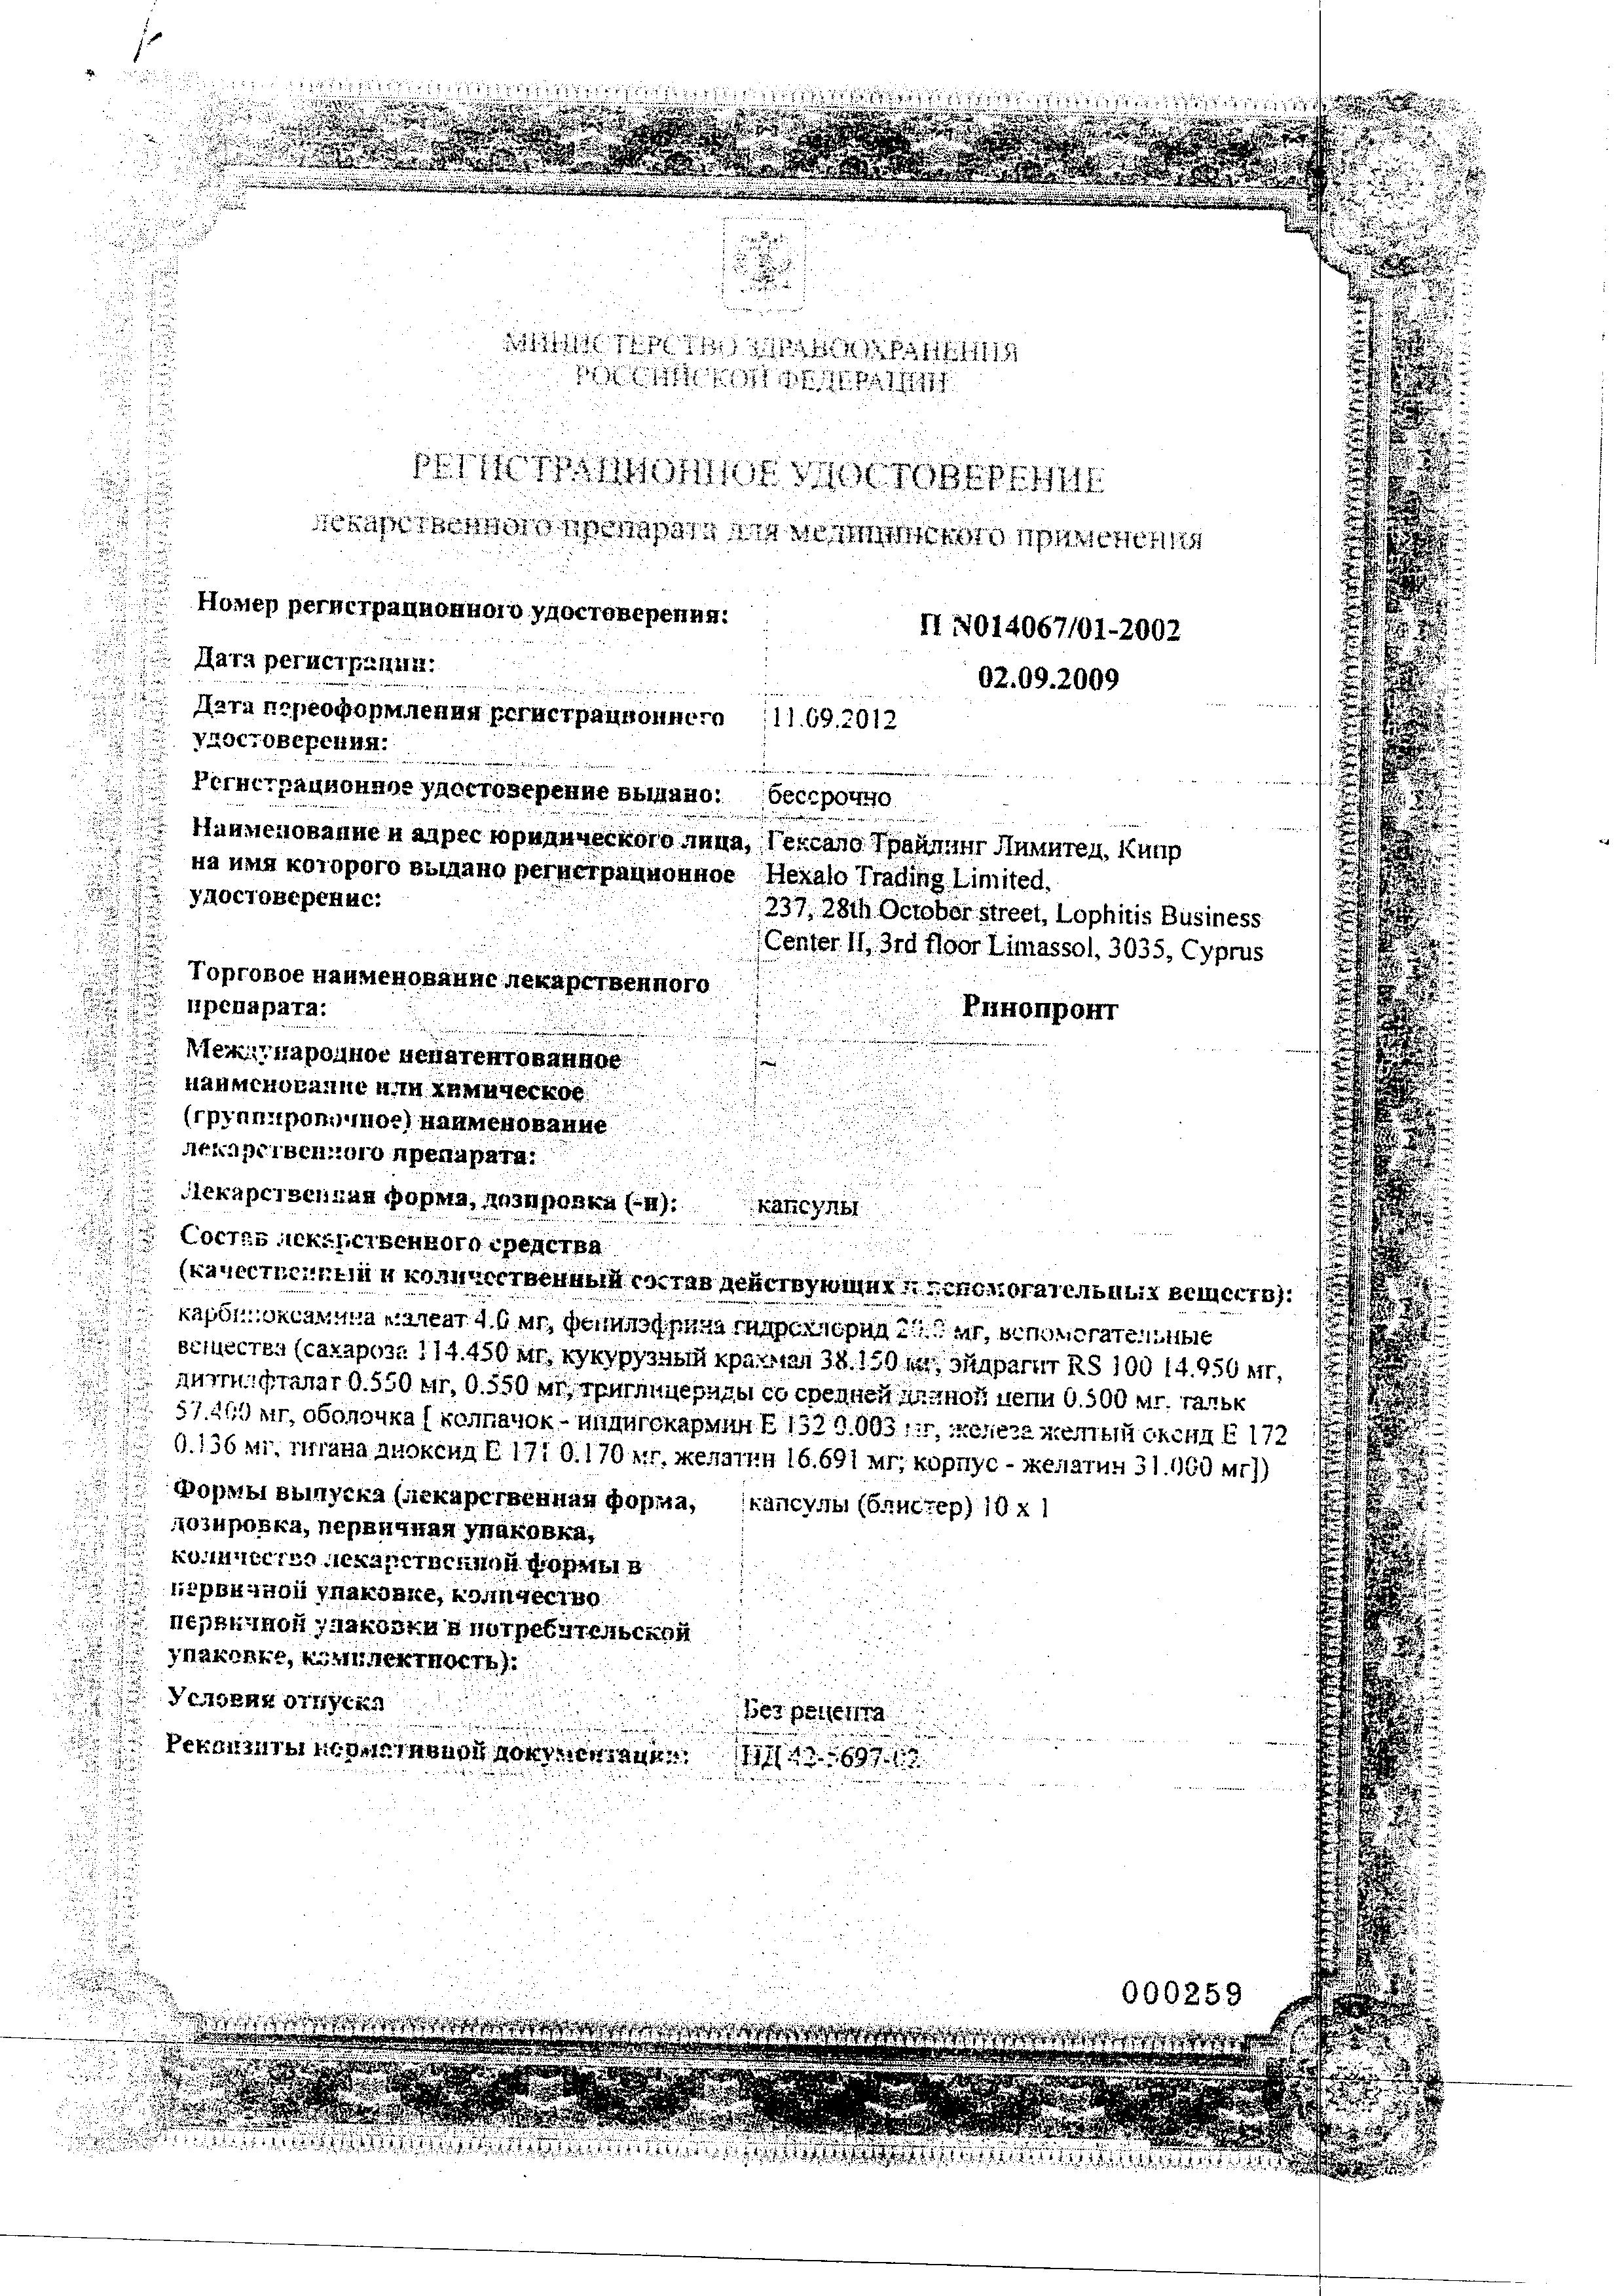 Ринопронт сертификат